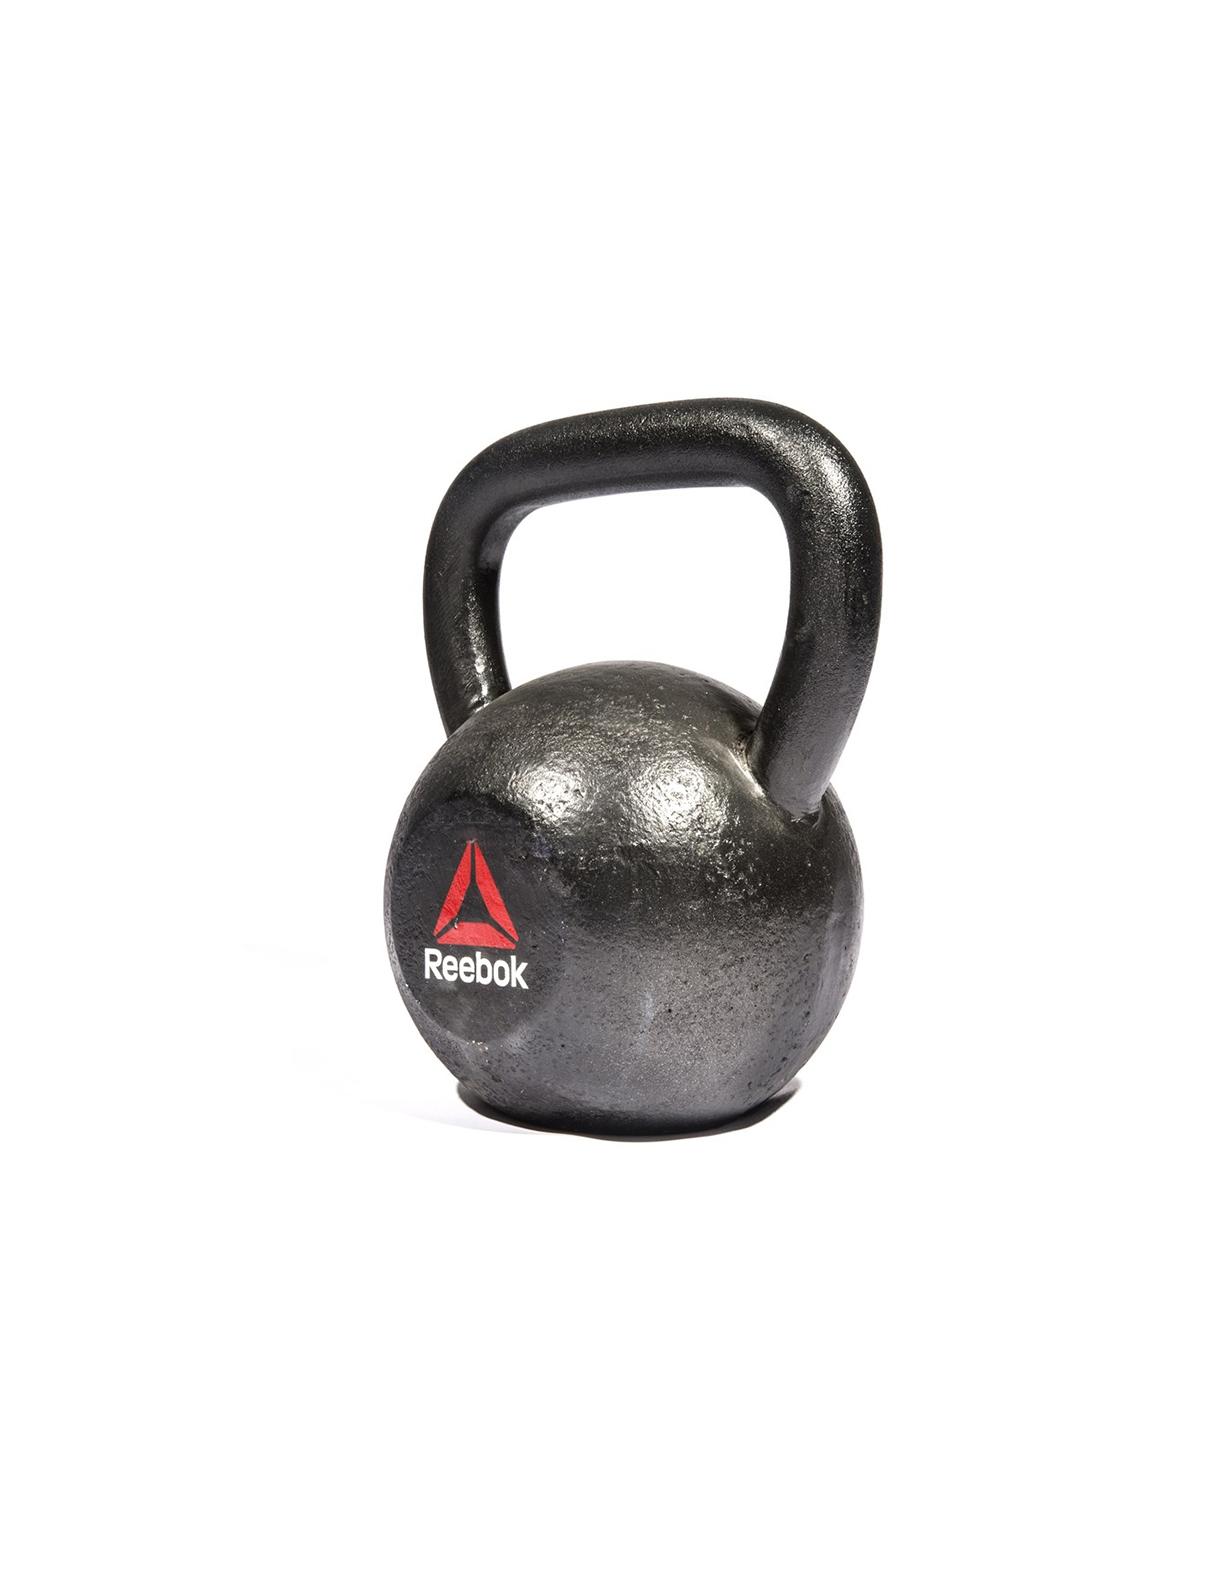 RSWT-12304 - Kettlebell - 24kg